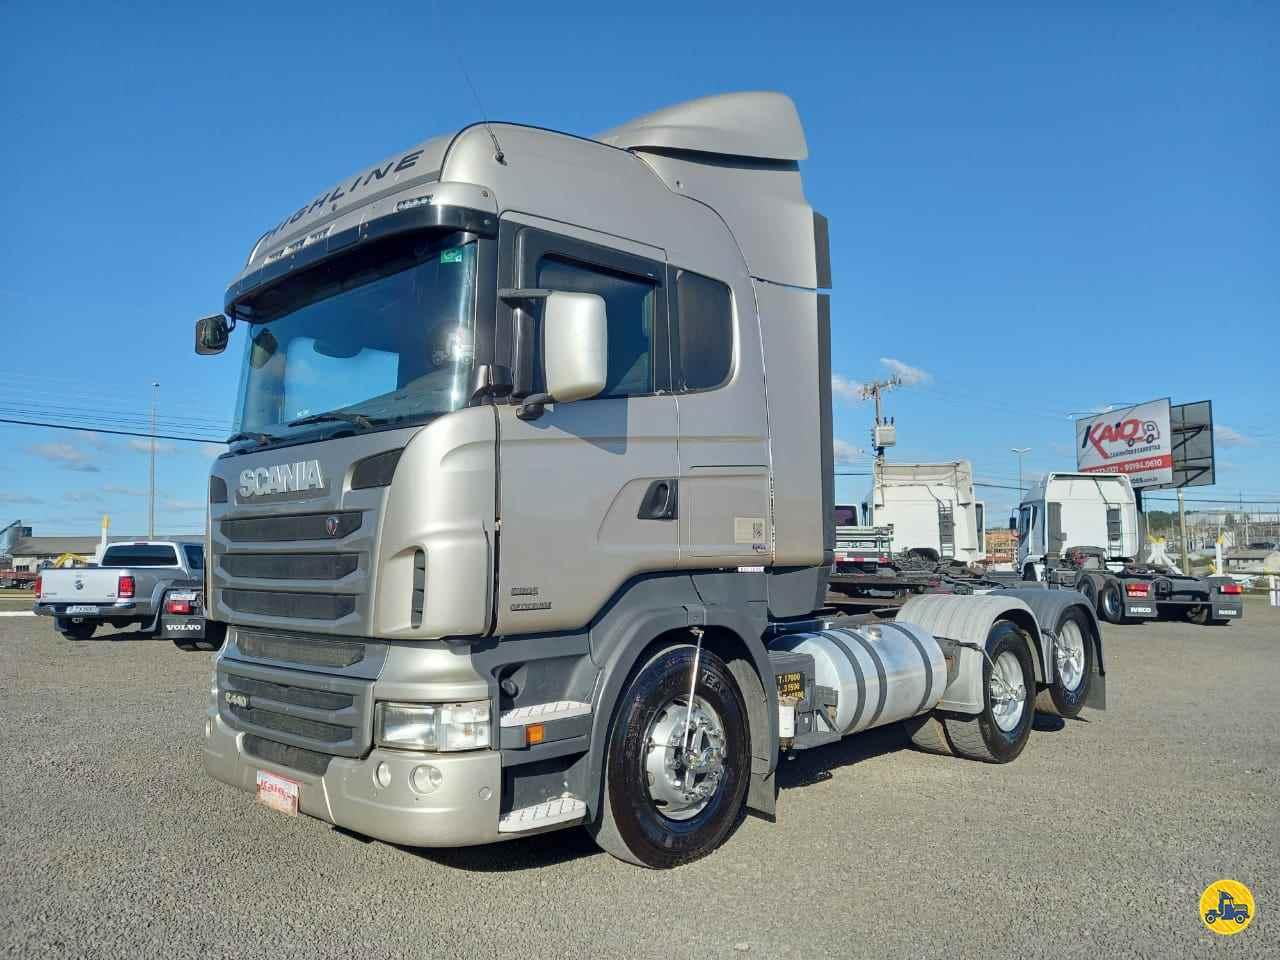 CAMINHAO SCANIA SCANIA 440 Cavalo Mecânico Truck 6x2 Kaio Caminhões LAGES SANTA CATARINA SC